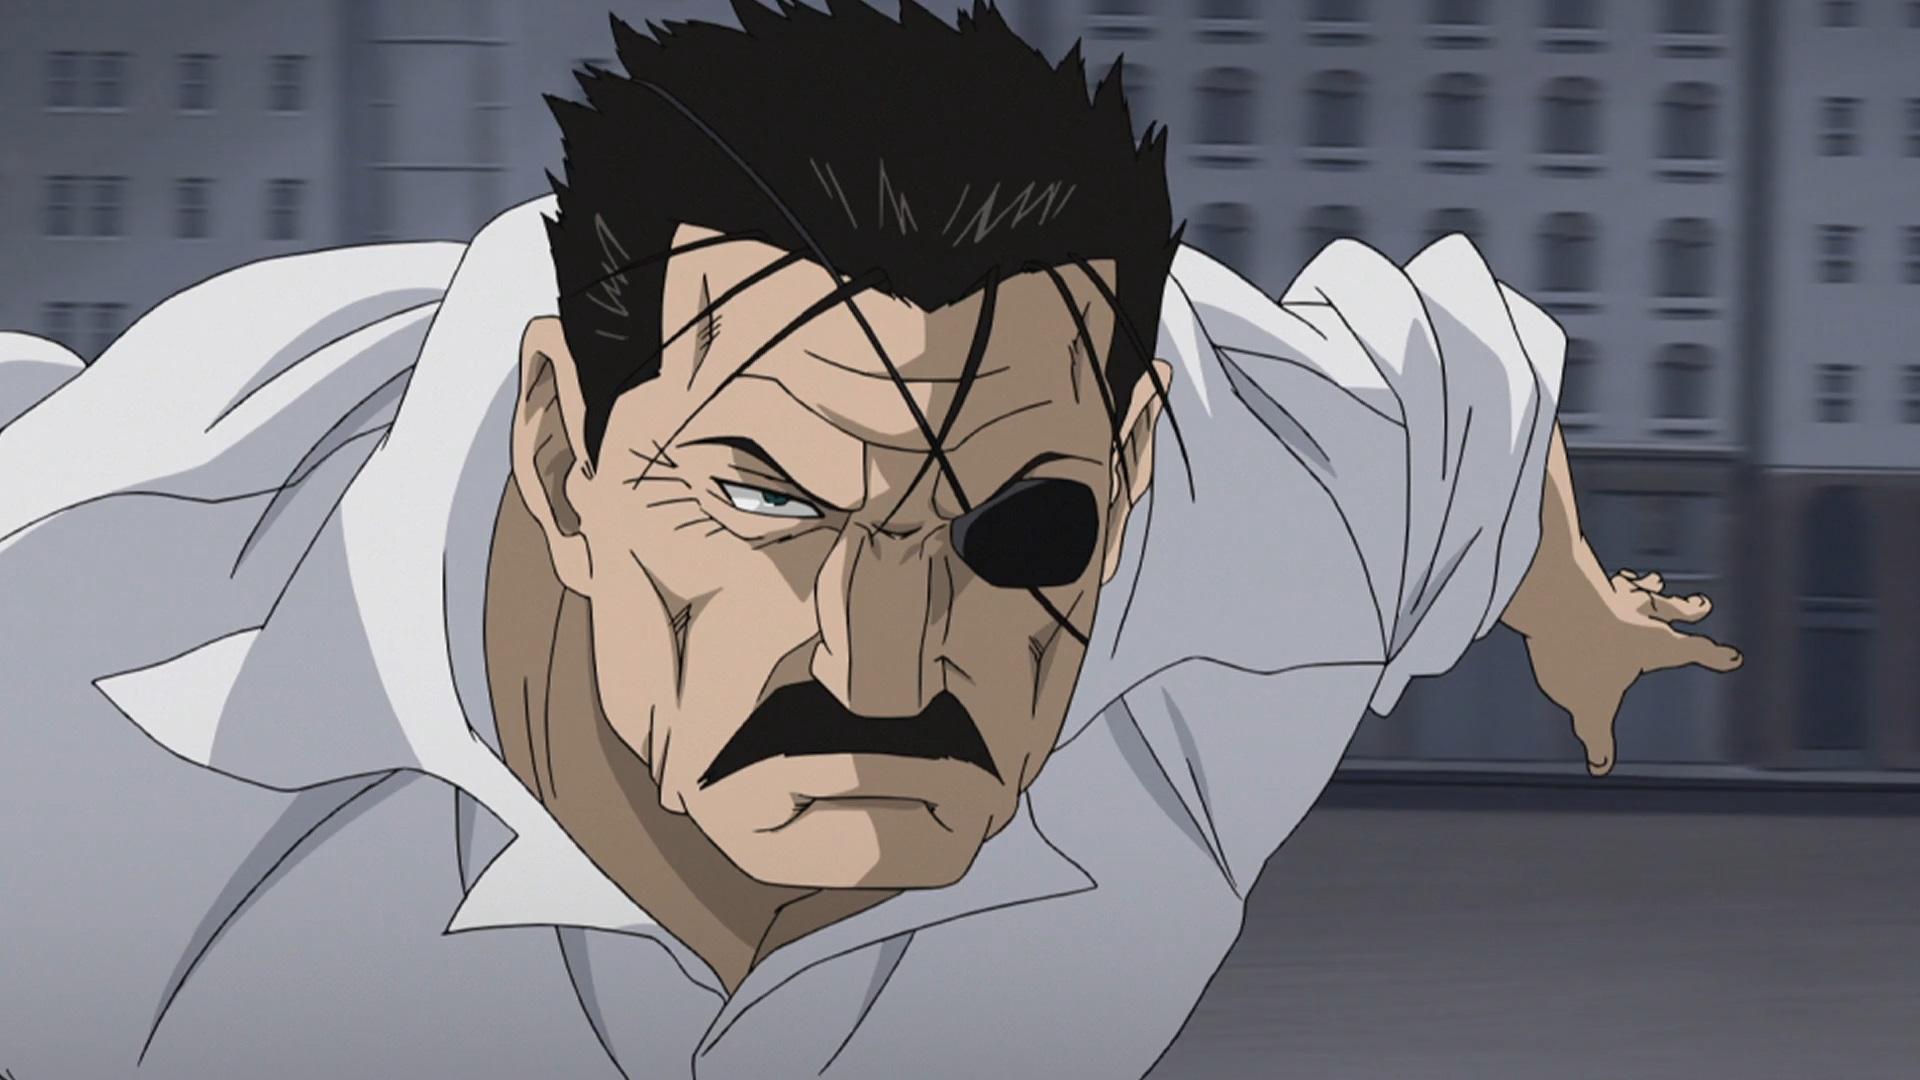 King Bradley se lanza a la batalla con una expresión ceñuda en su rostro en una escena del anime Fullmetal Alchemist.